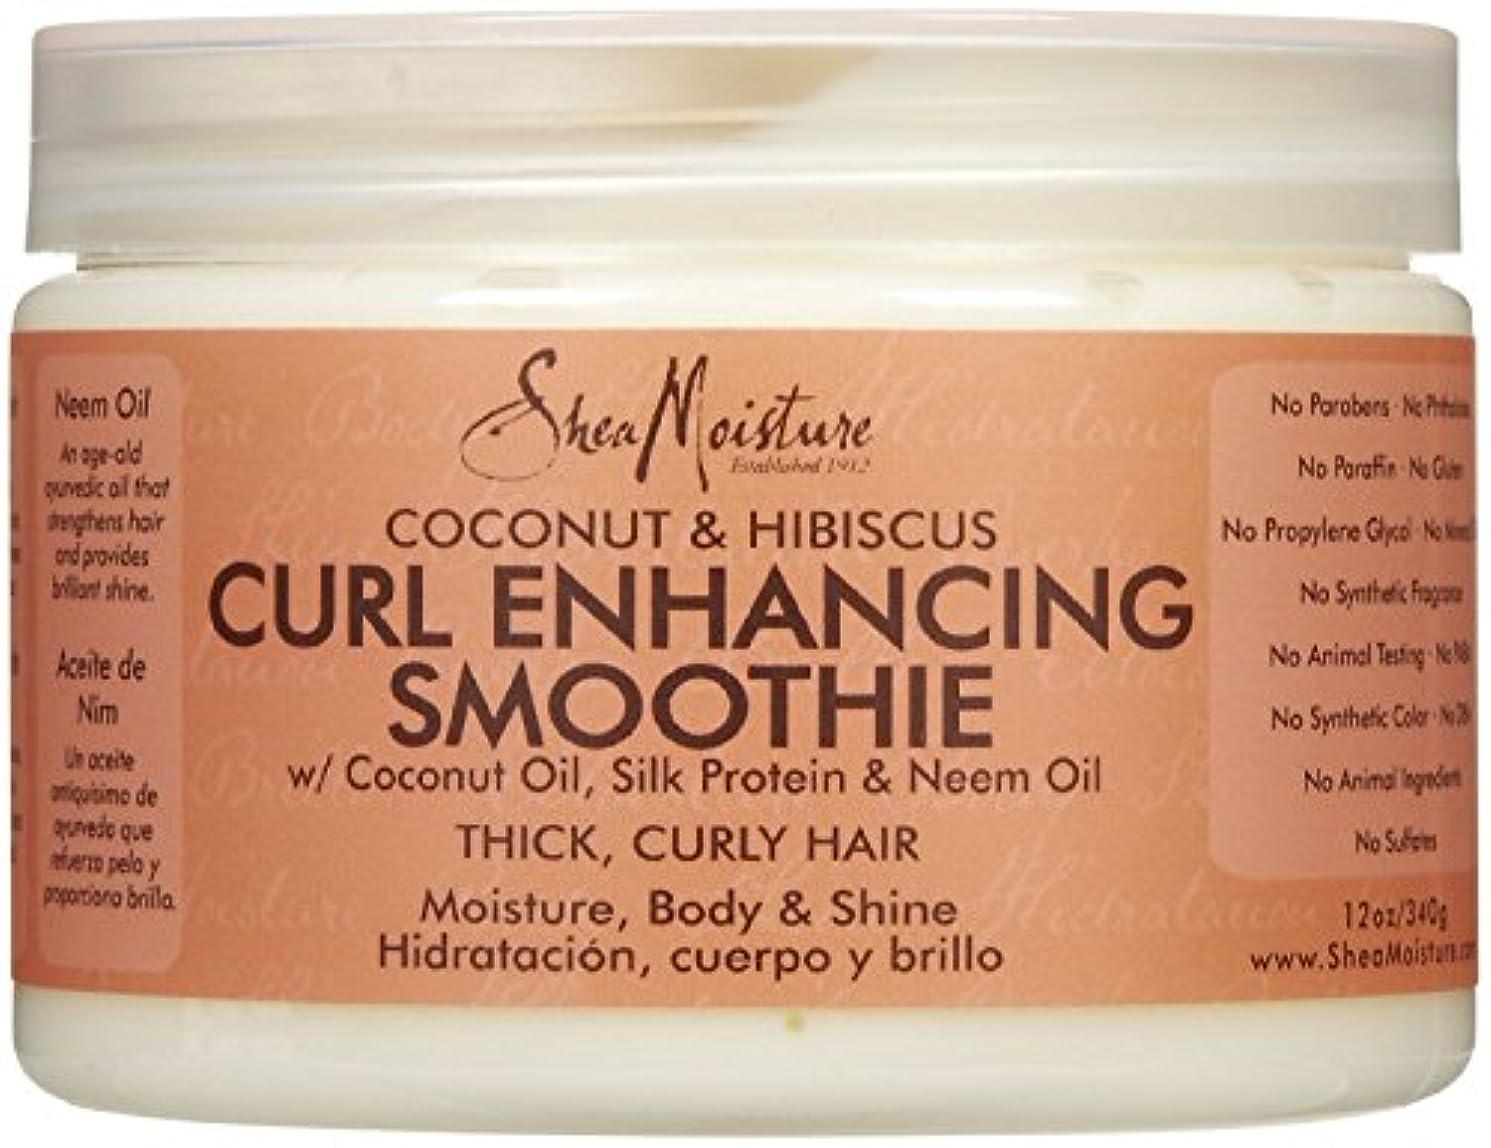 高価なホイスト統計的シーモイスチャー Shea Moisture Coconut Hibiscus Curl Enhancing Smoothie ヘアトリートメント